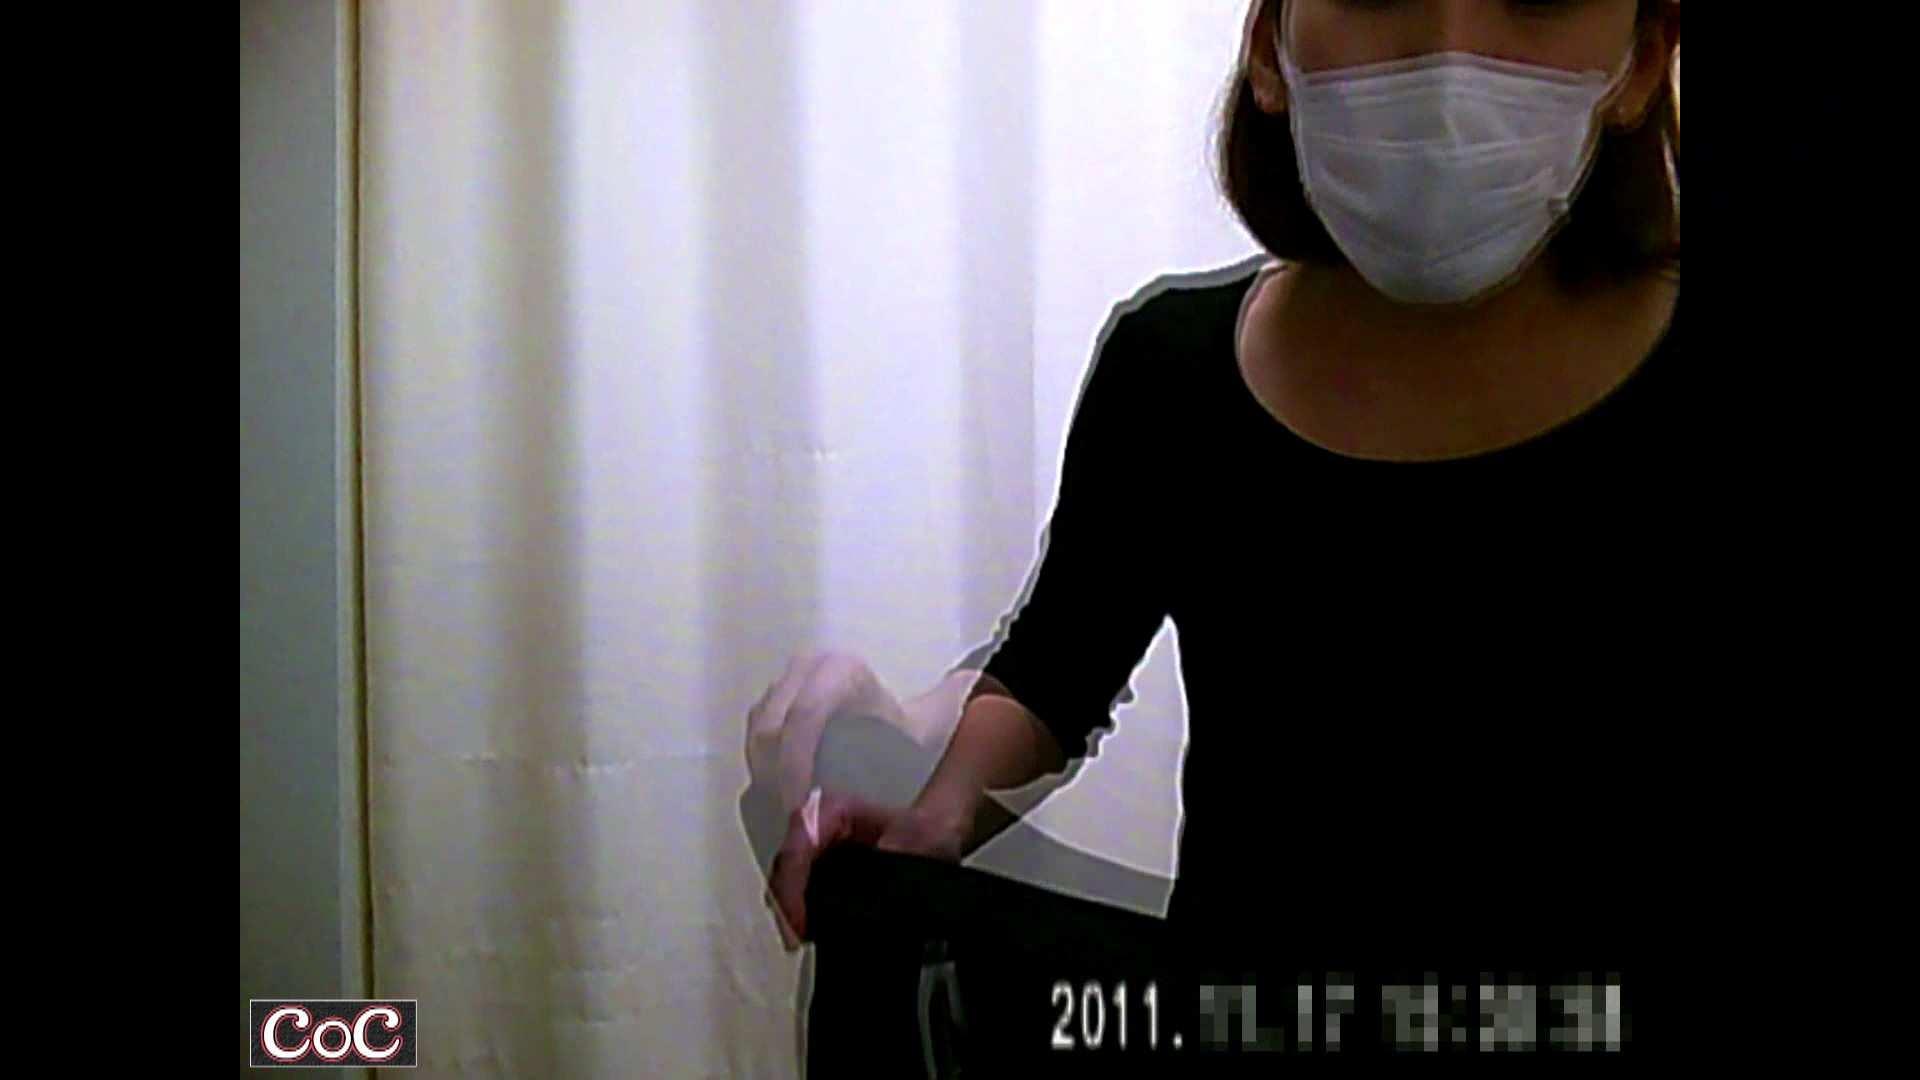 元医者による反抗 更衣室地獄絵巻 vol.200 OLの実態  81pic 56